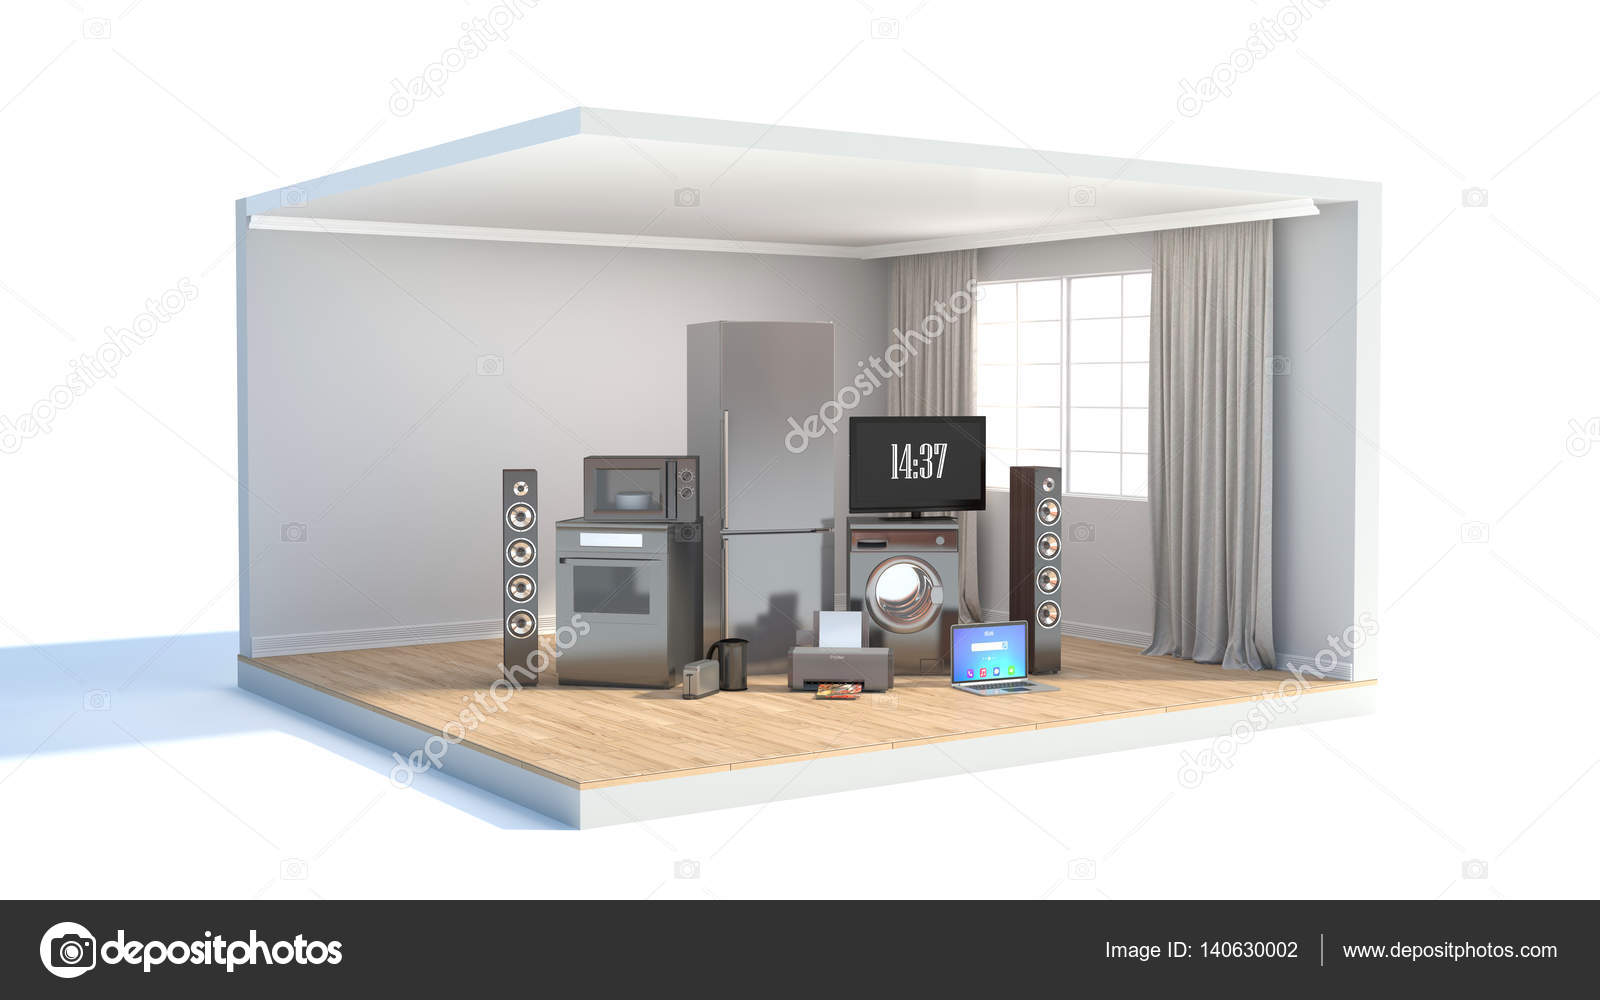 Kühlschrank Gas : Camping kühlschrank den besten finden kaufen ツ papatestet